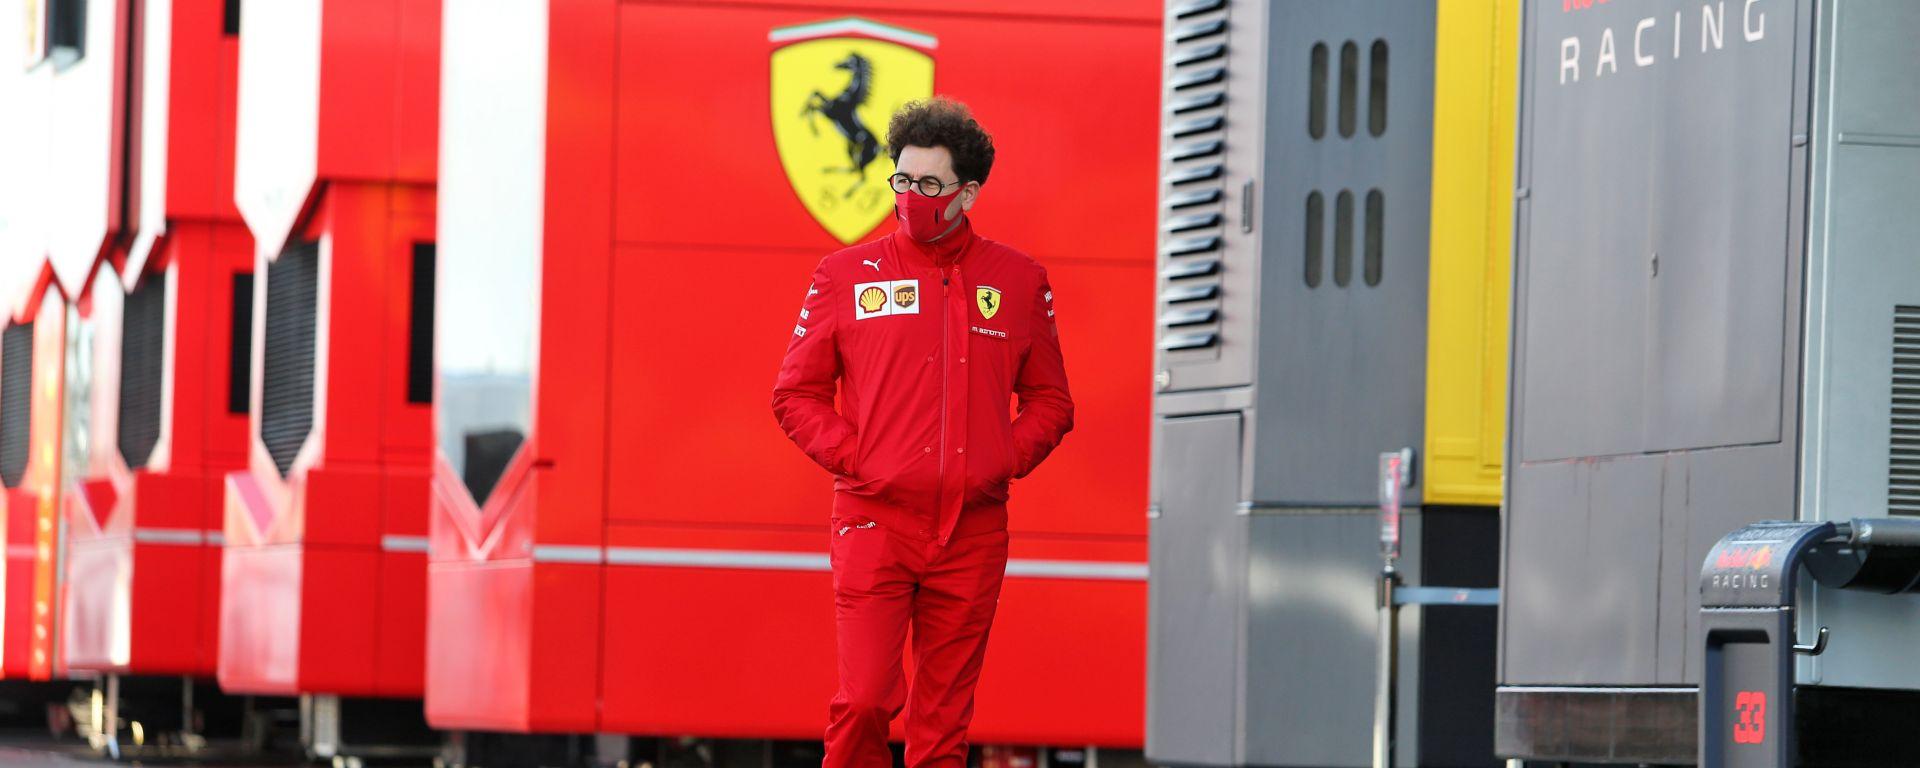 F1 GP Eifel 2020, Nurburgring: Mattia Binotto (Scuderia Ferrari)